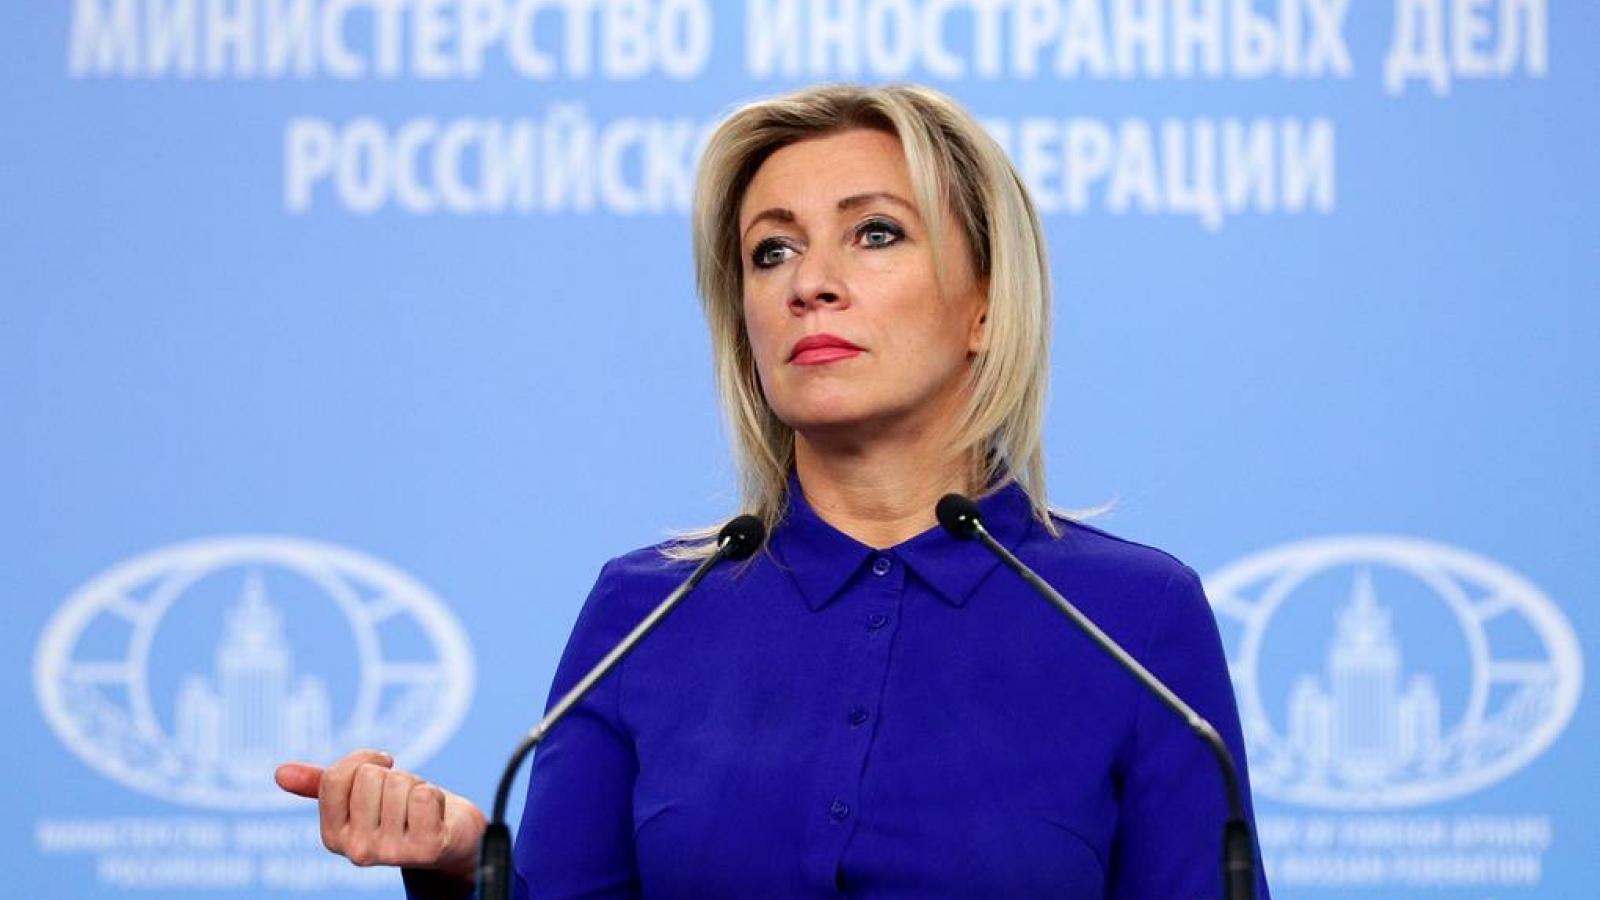 Nga và Mỹ đã bắt đầu xem xét về khả năng gia hạn hiệp ước START-3